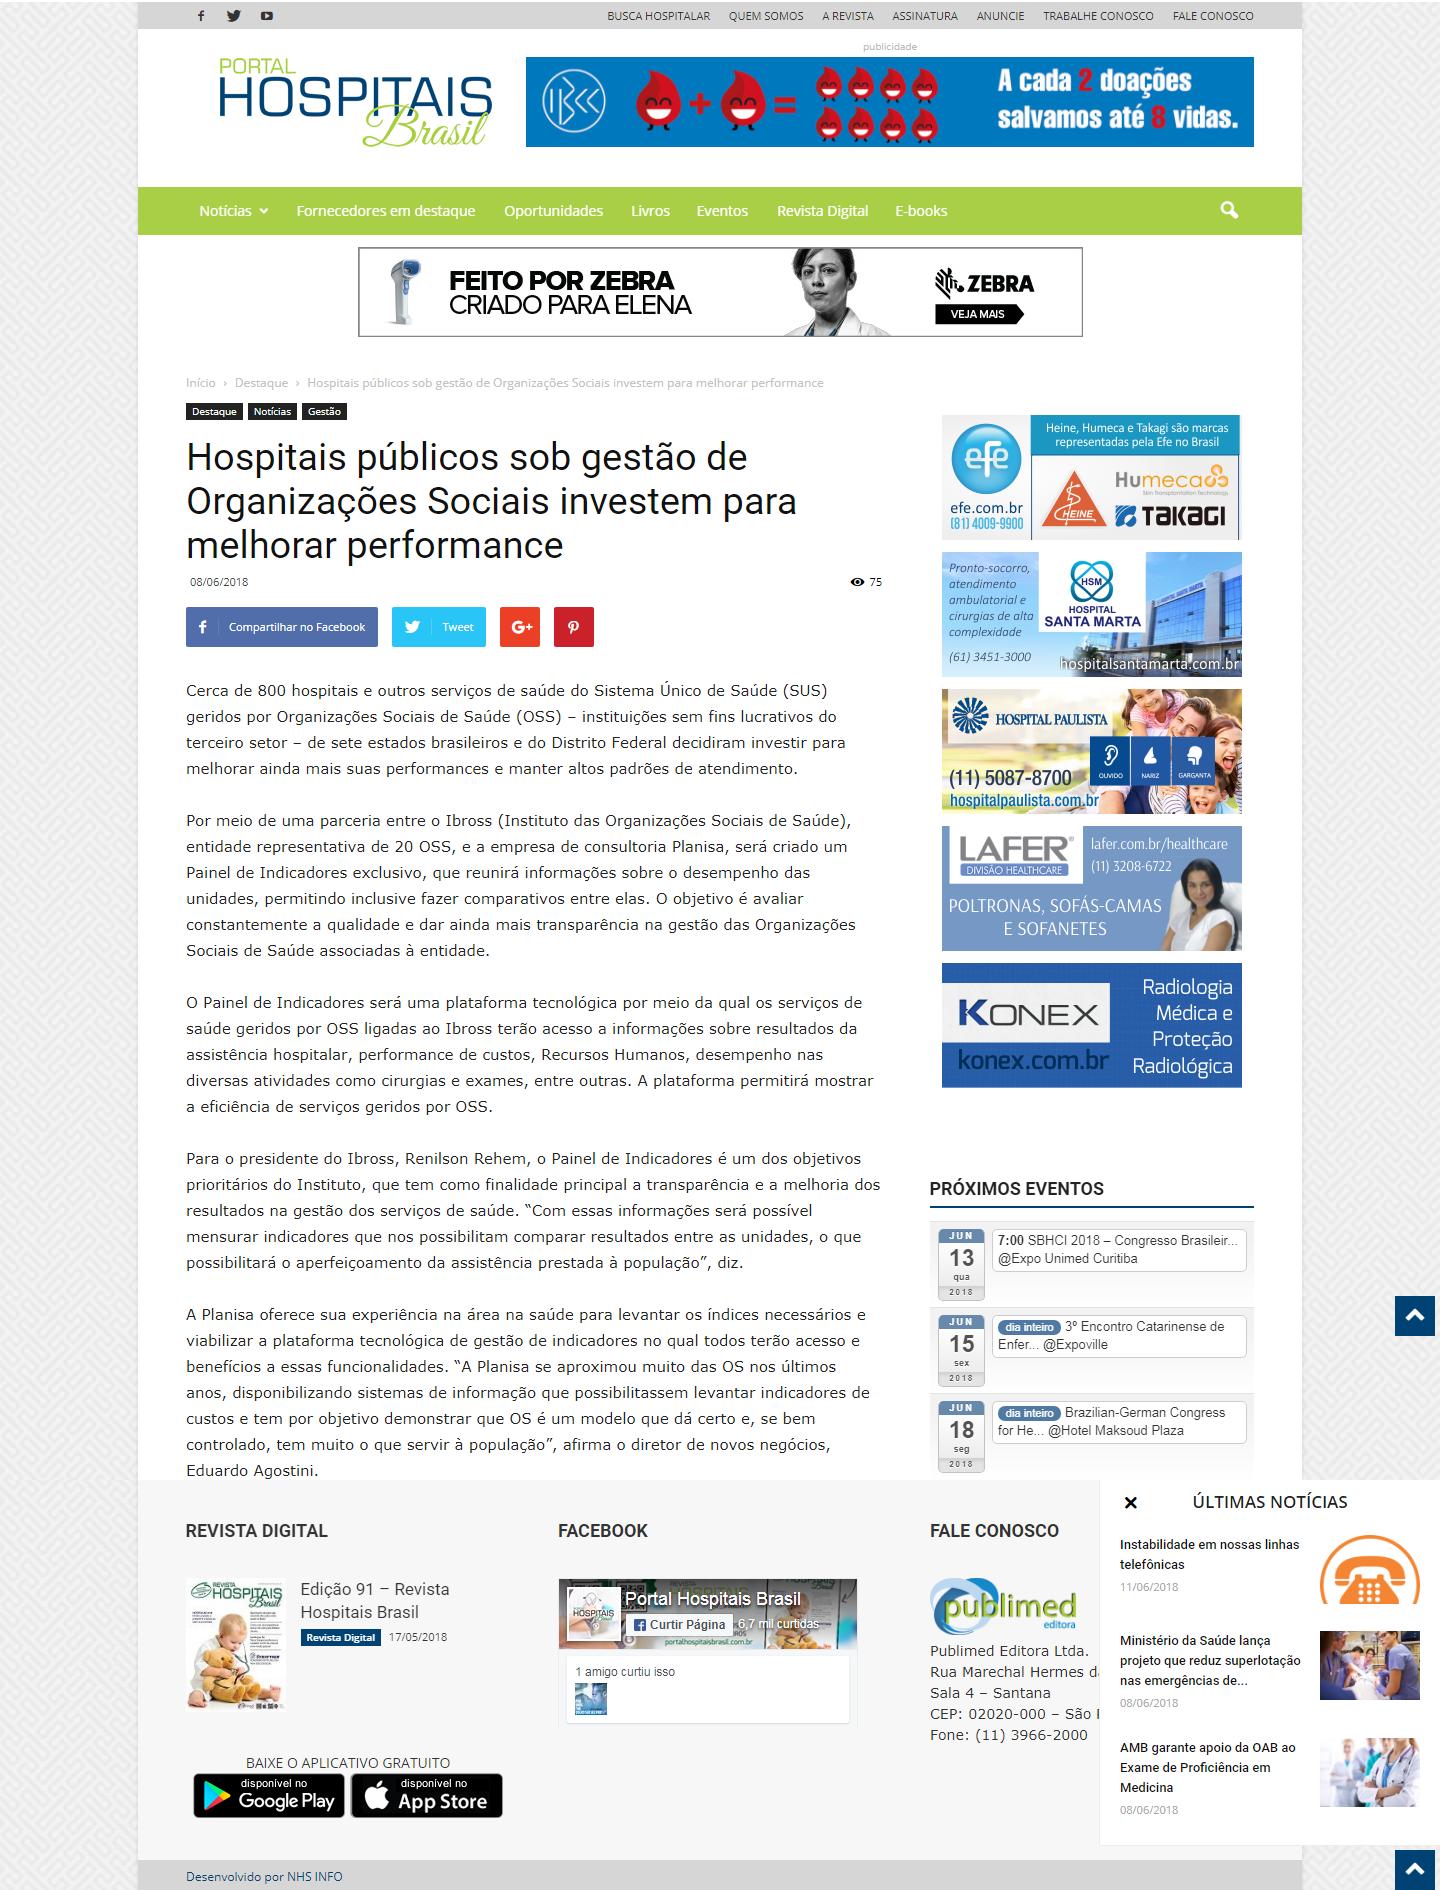 Projeto do Ibross em parceria com a Planisa é destaque do Portal Hospitais Brasil